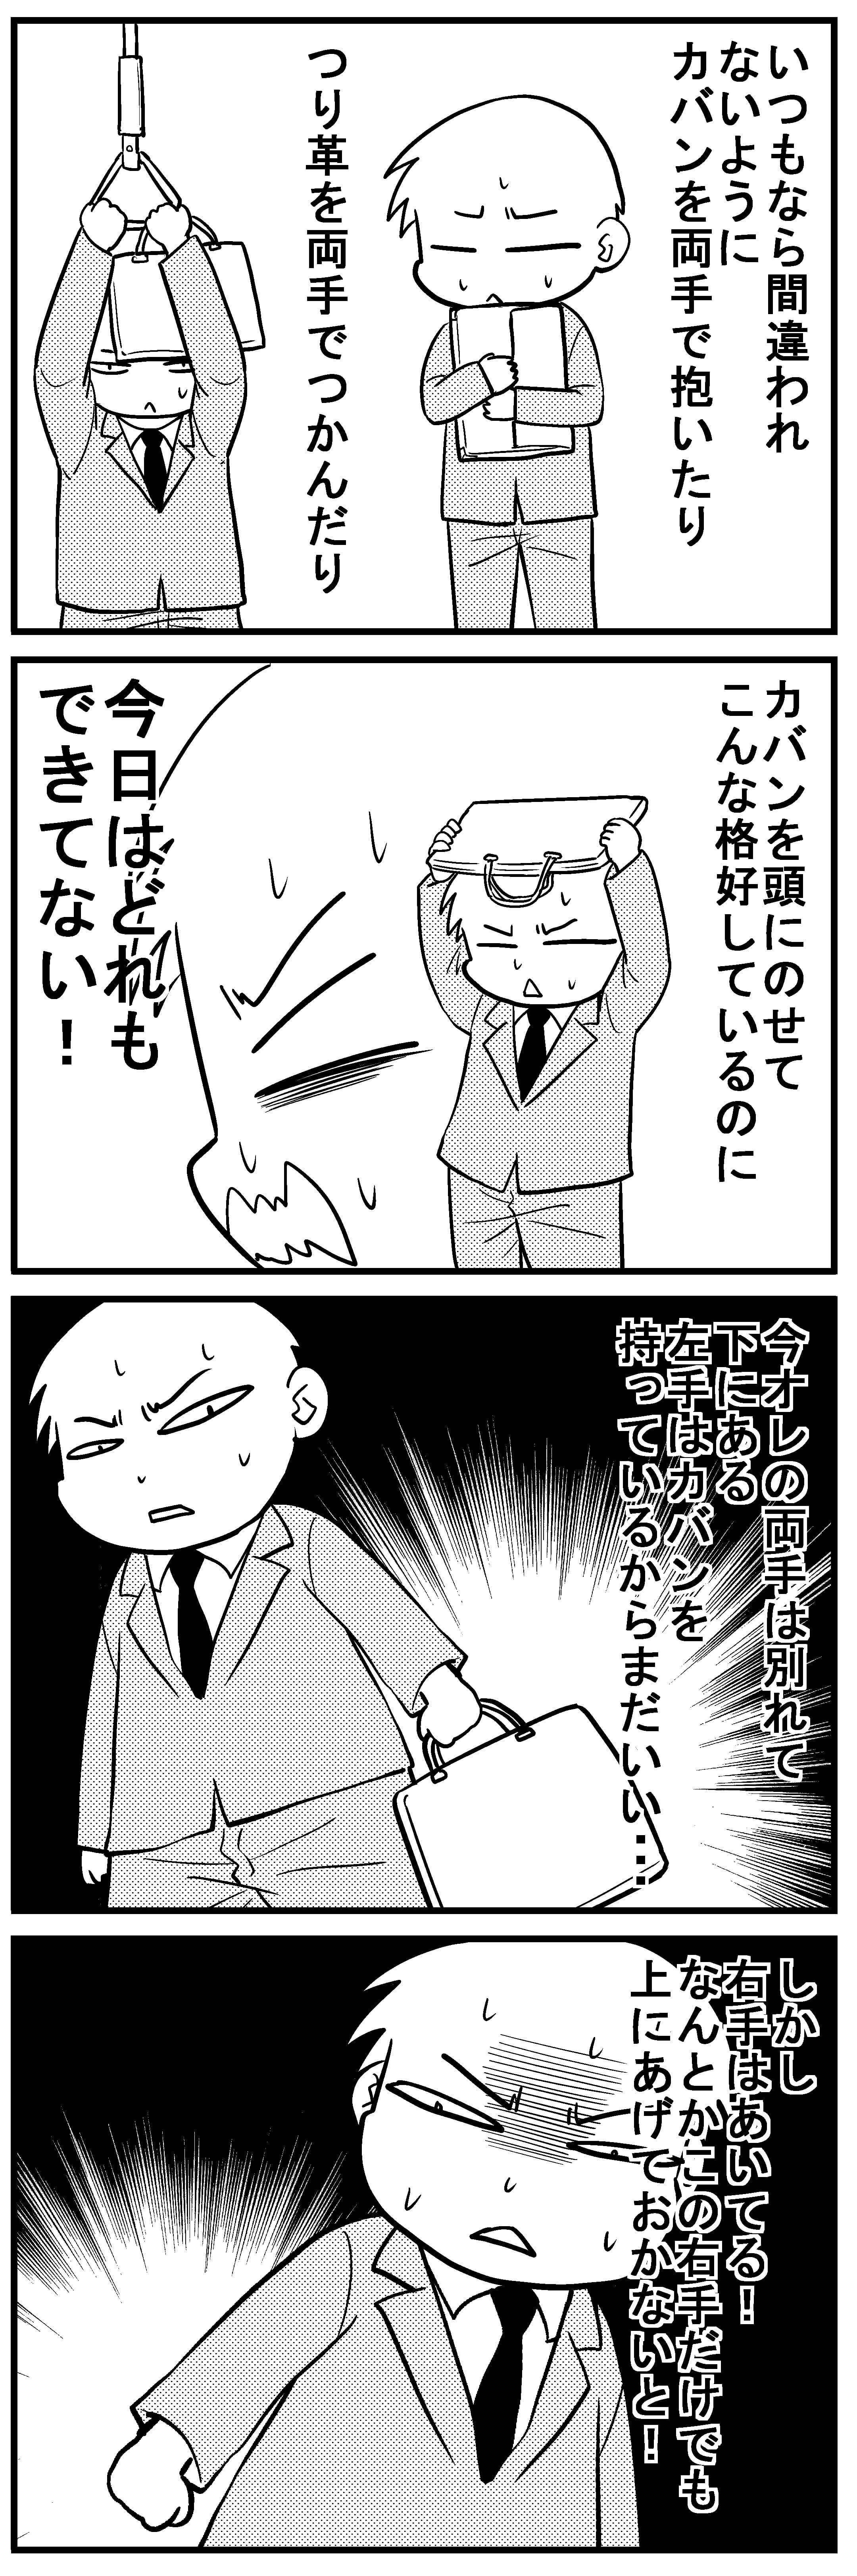 深読みくん16 のコピー_mini (1)